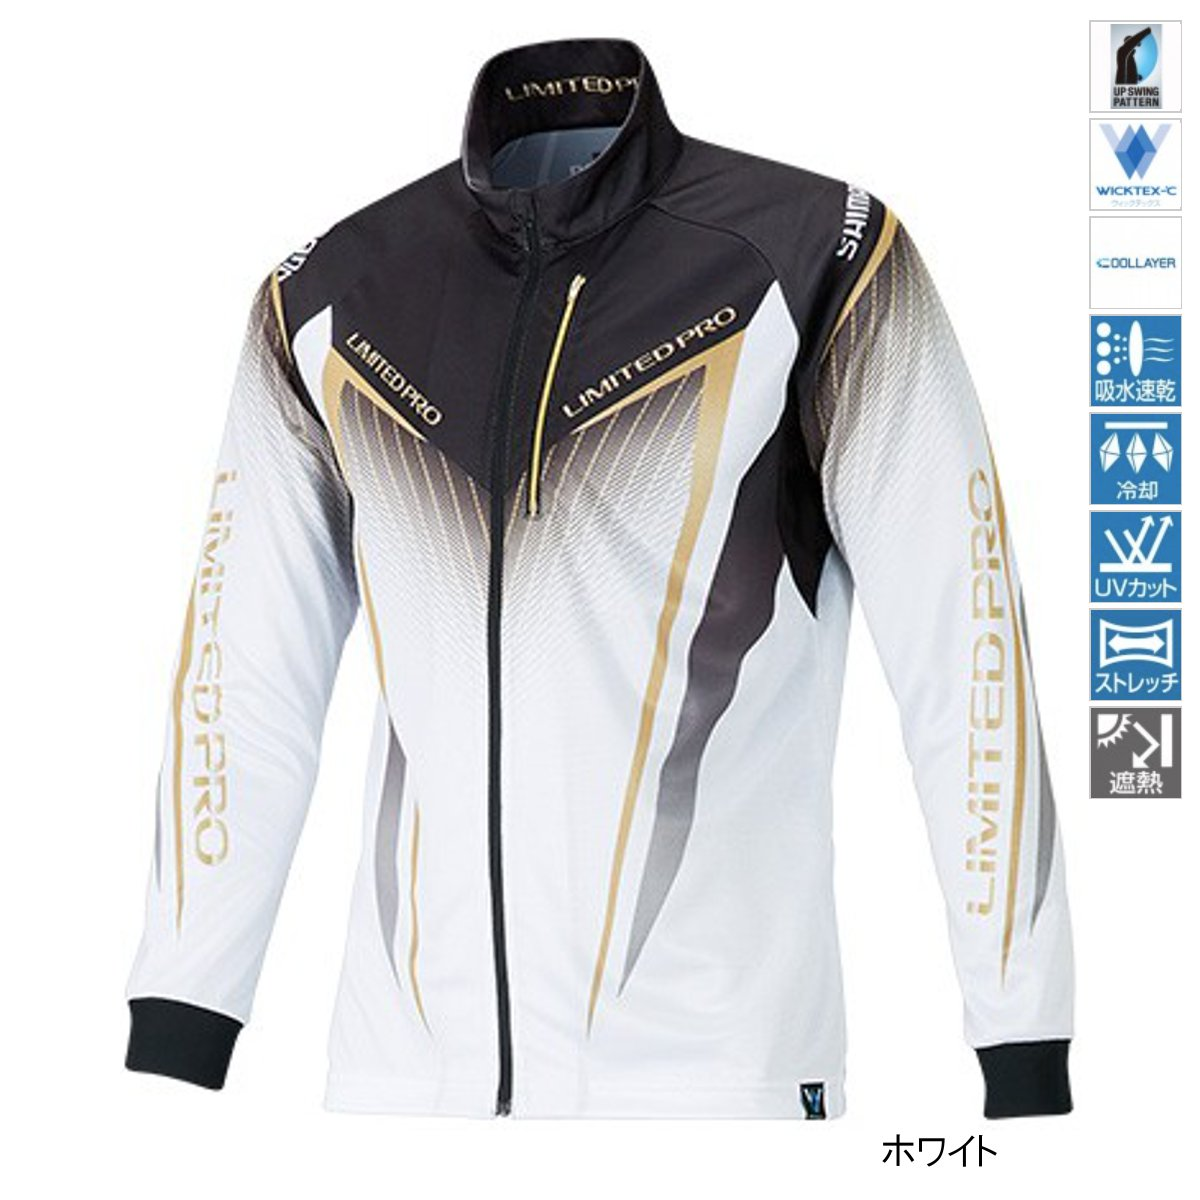 シマノ フルジップシャツLIMITED PRO(長袖) SH-011S 2XL ホワイト